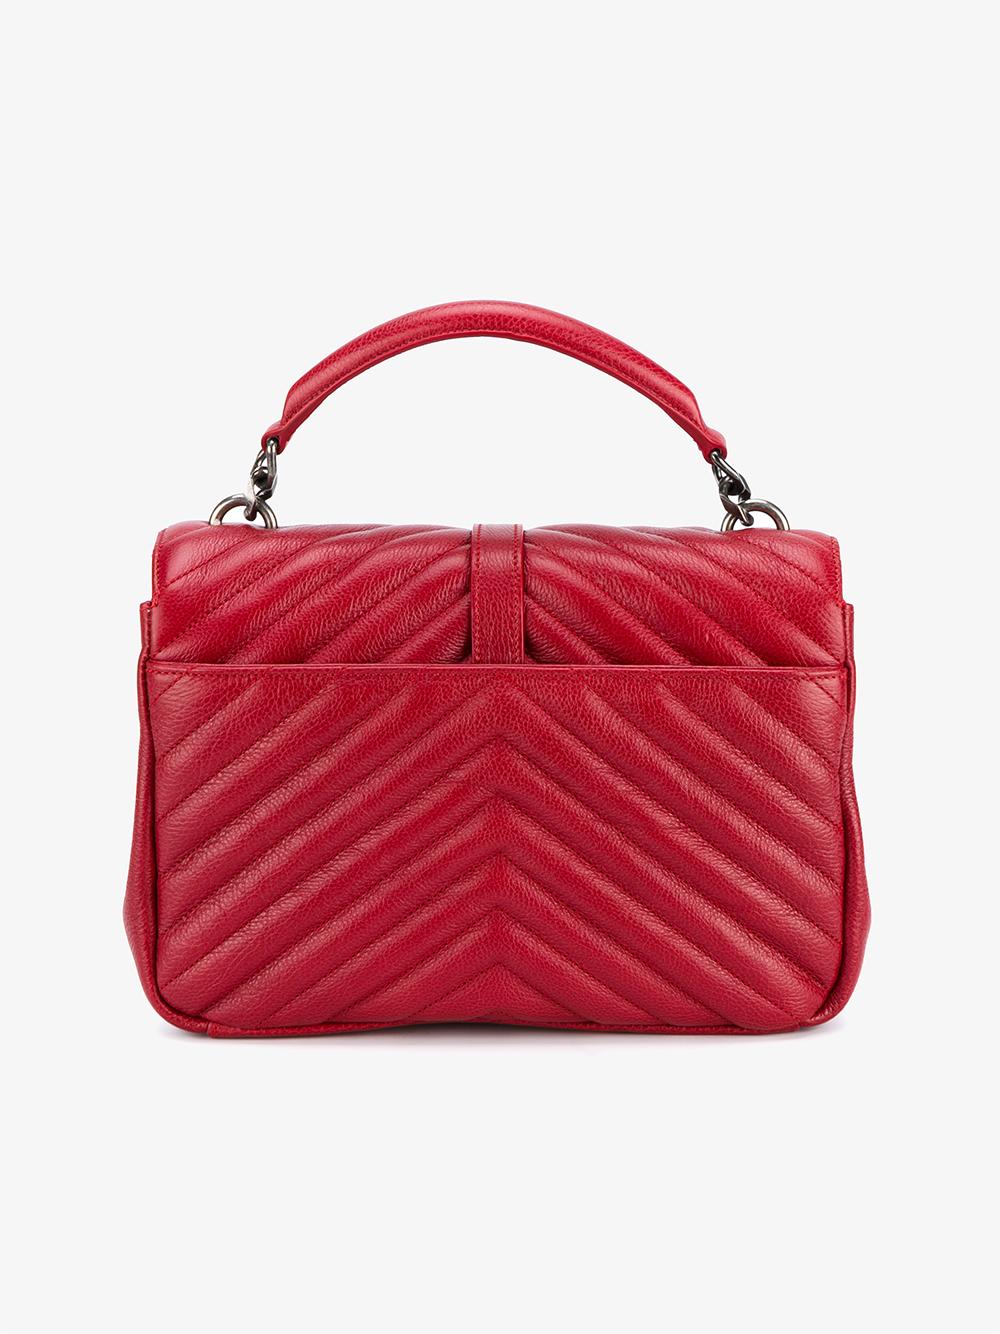 2eb4e8672436 Saint Laurent Medium Leather Monogram College Bag in Red .